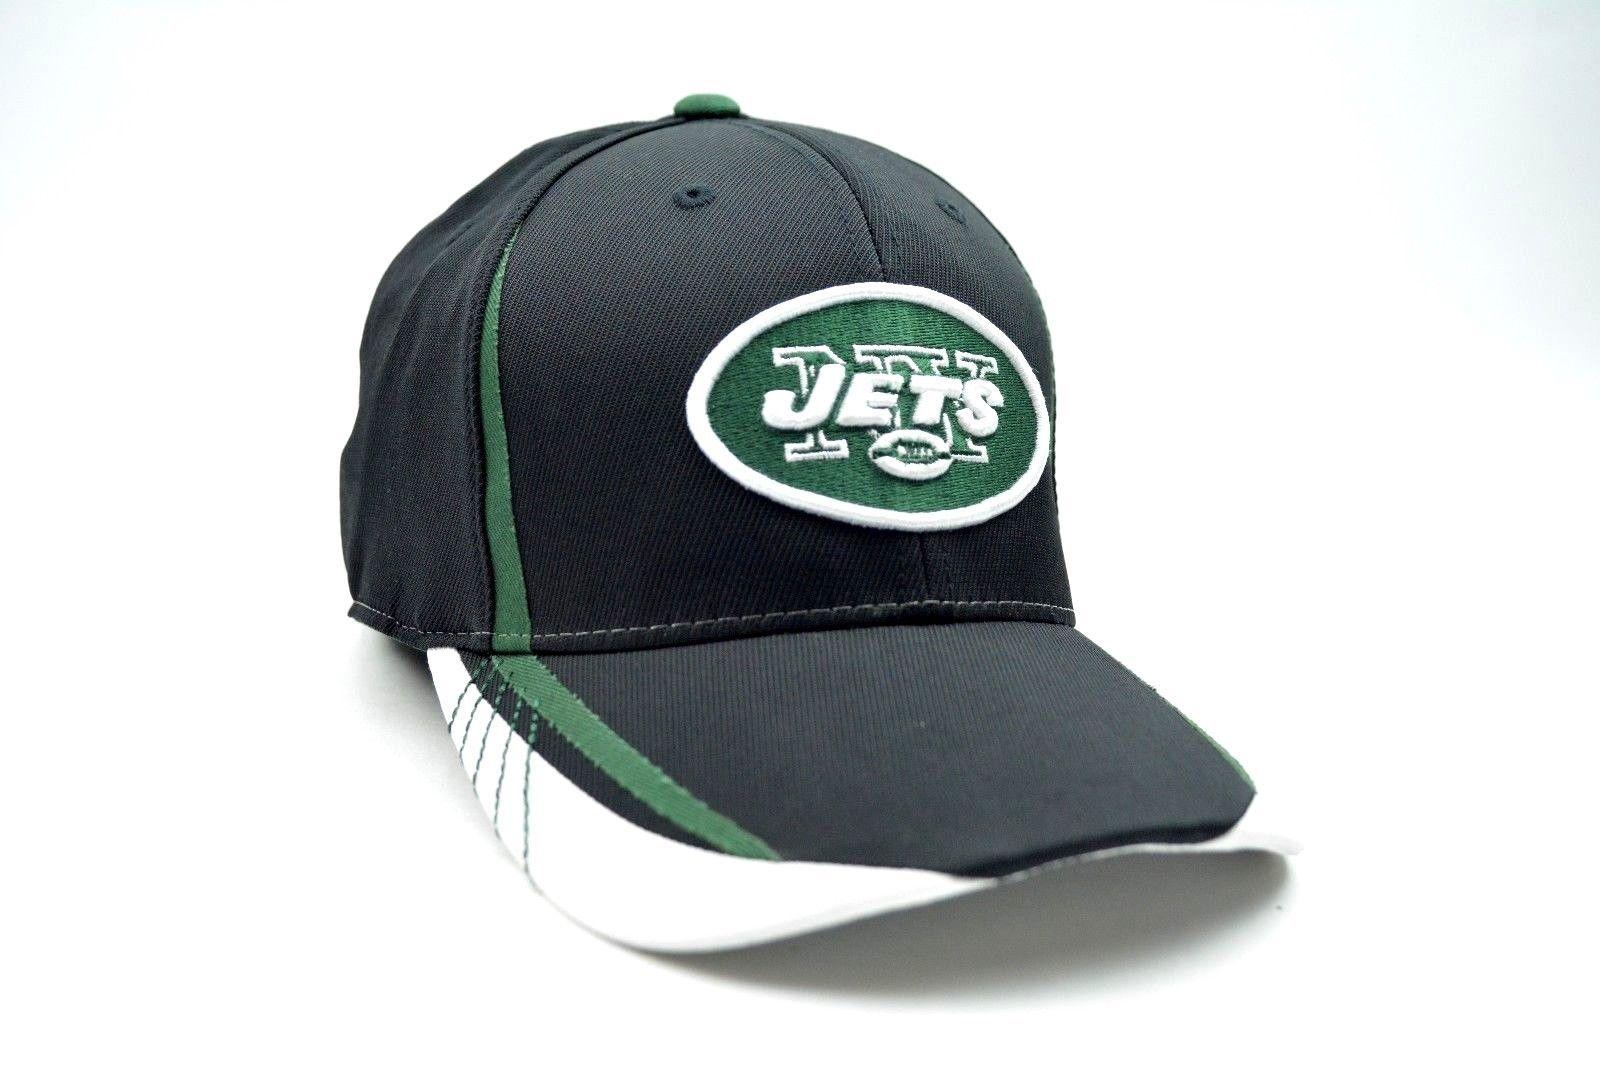 08ecc35616a New York Jets Reebok NFL Sideline Workout Warrior Stretch Fit Cap Hat Sm Med